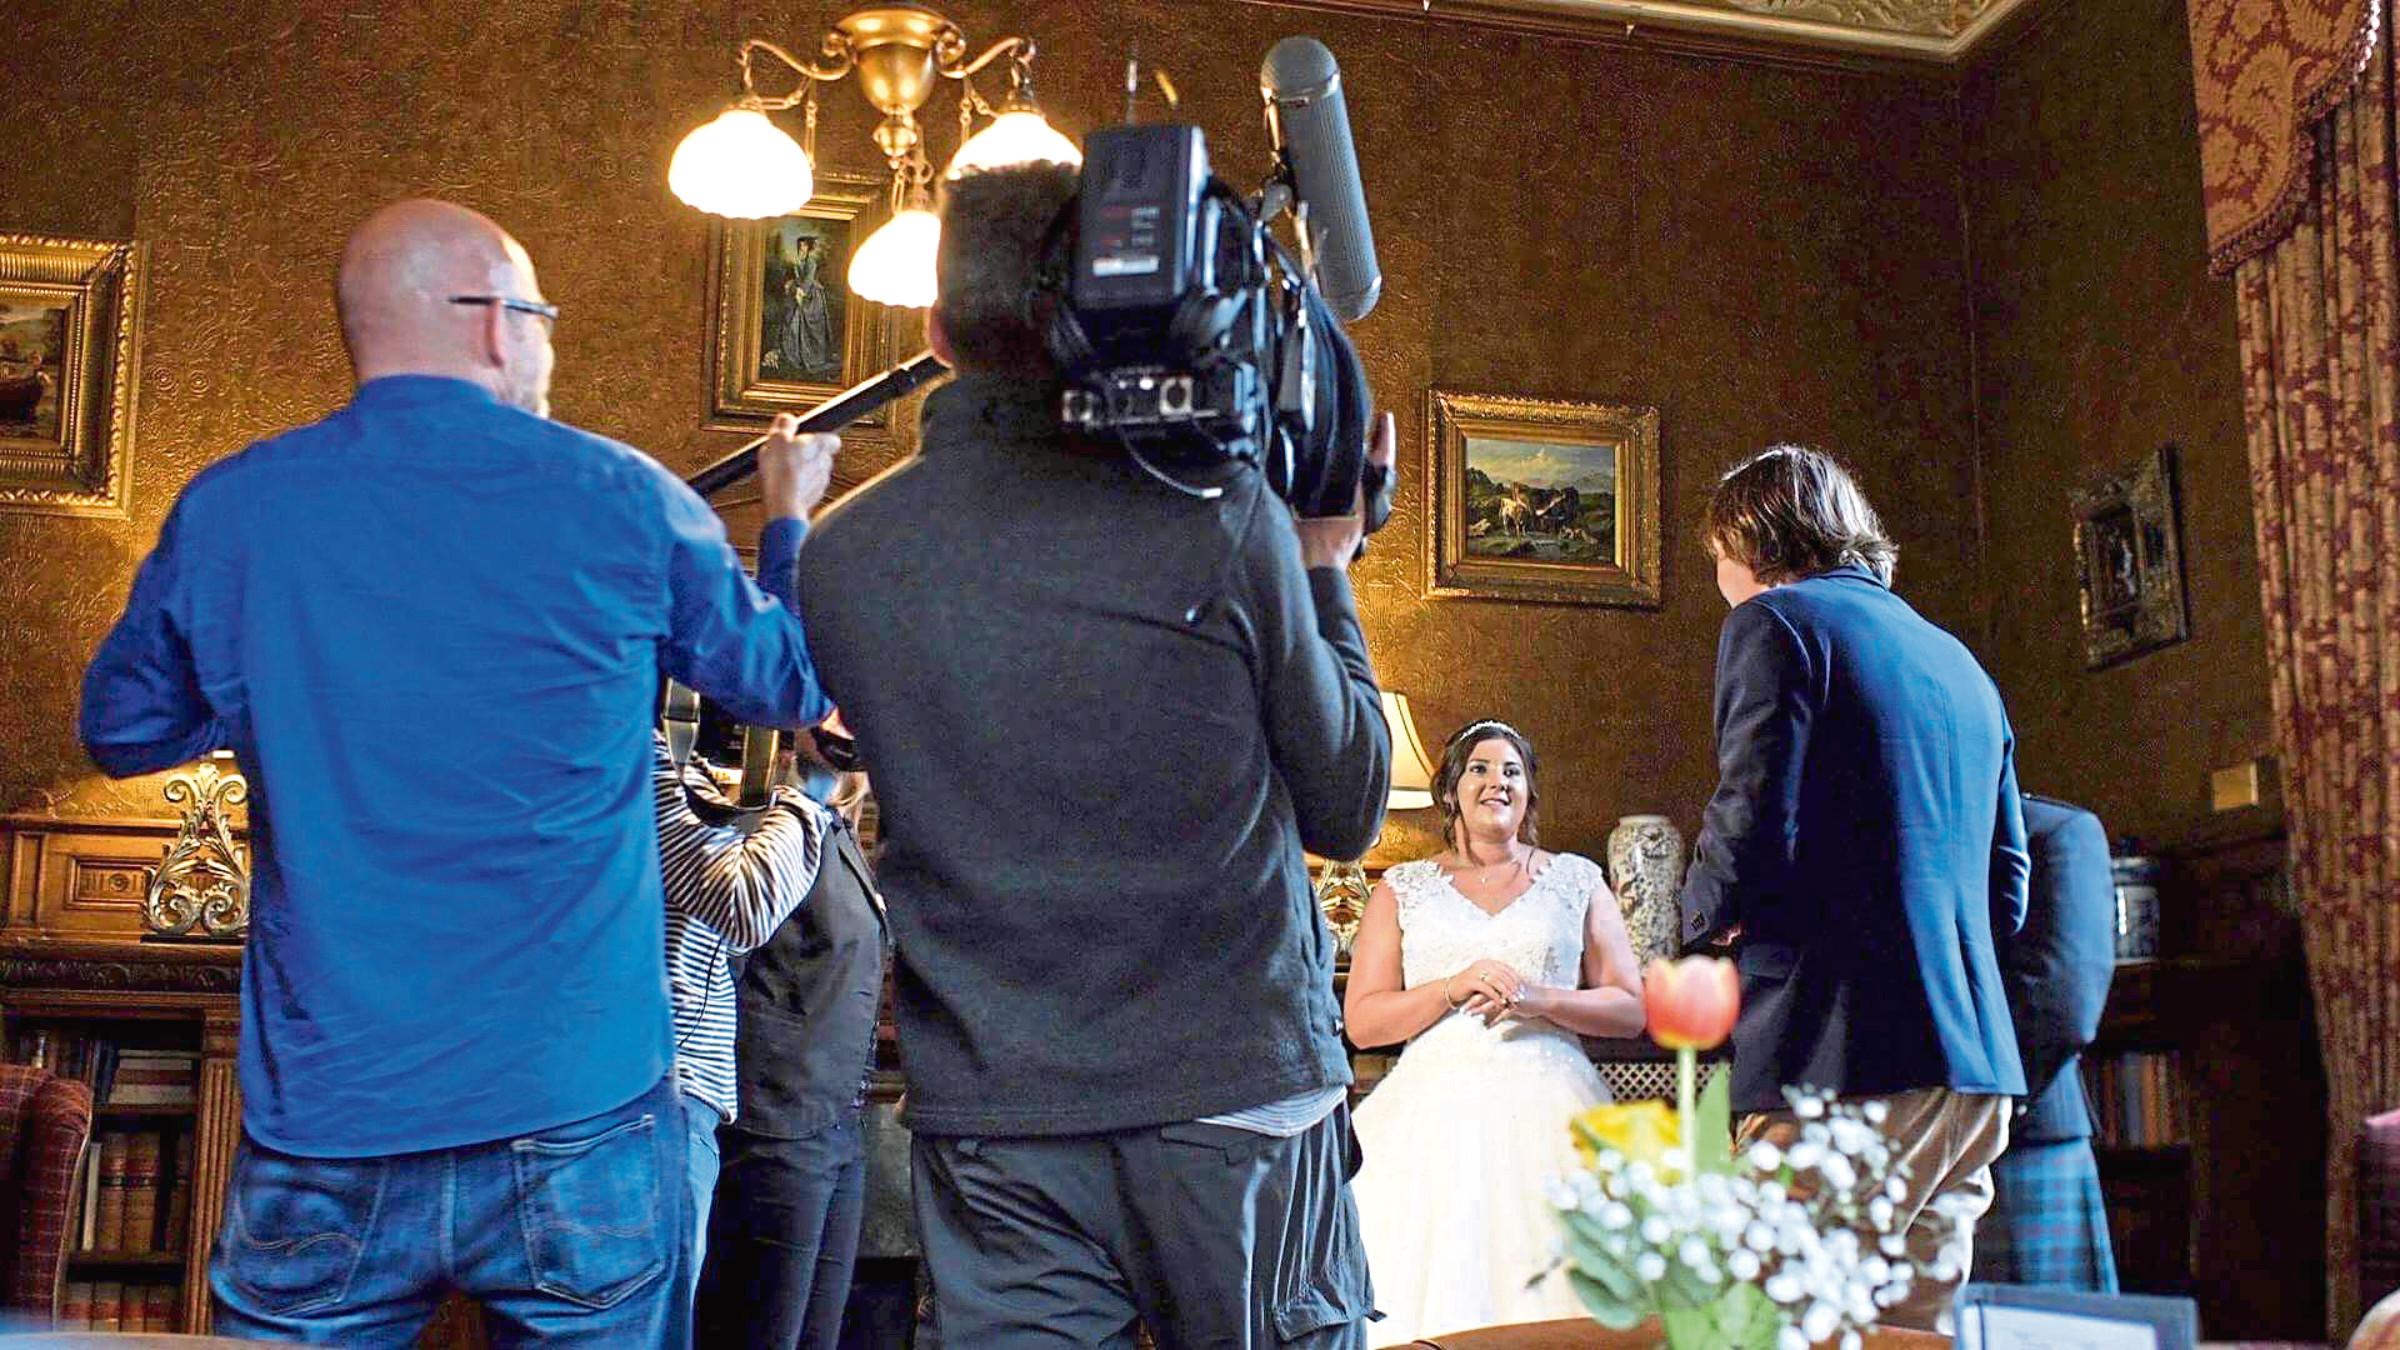 Danish film crew filmed a Scottish wedding in Aberdeen